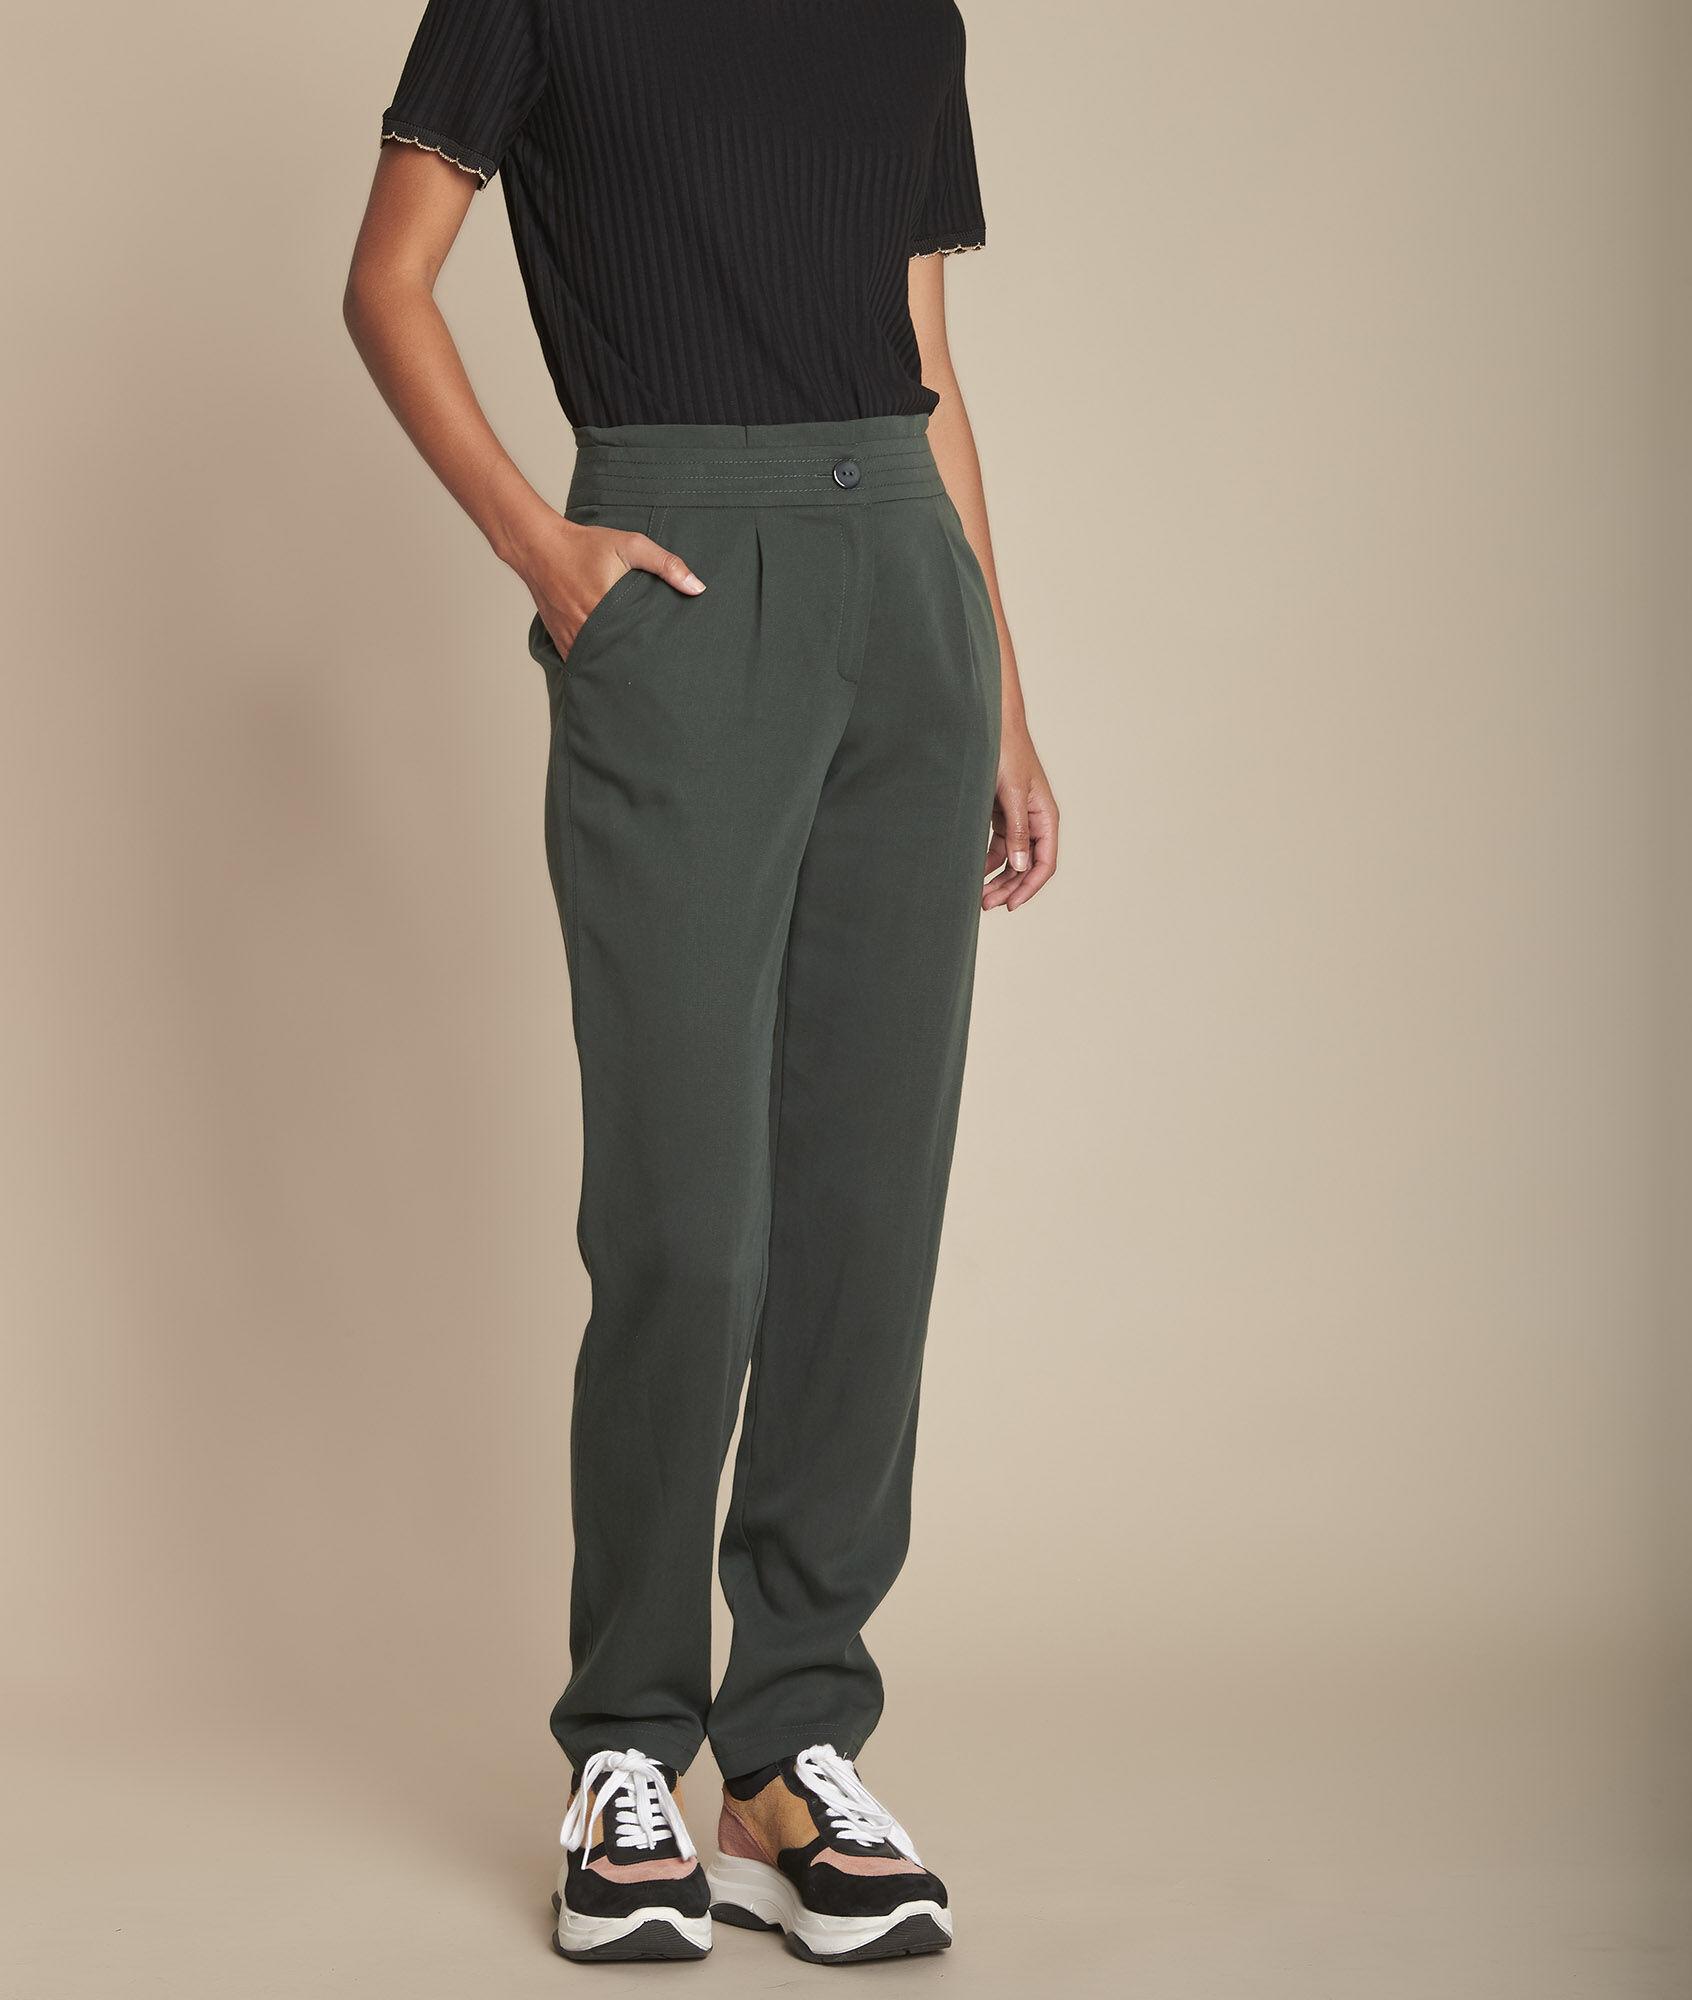 123 De CollectionMaison FemmeNouvelle Tailleur Pantalons lOTwXZPkiu